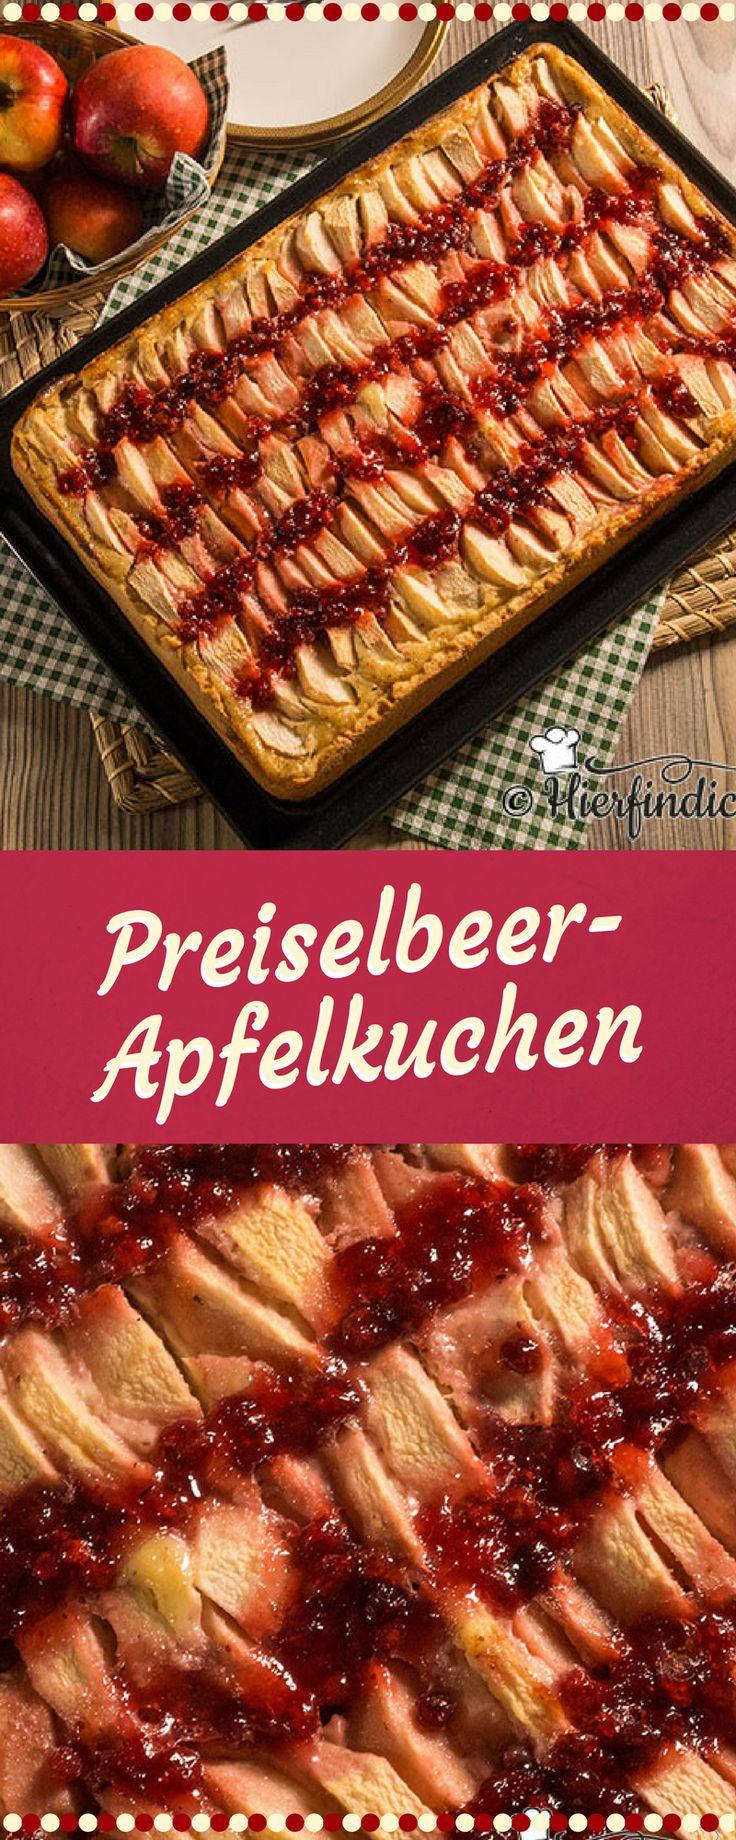 Fruchtig leckerer Apfelkuchen mit Preiselbeeren. Die Preiselbeeren sind eine gute Kombination zu der süßlich-säuerlichen Note des Apfels. Die saure Sahne kombiniert mit gemahlenen Mandeln, umrahmen diese Geschmacksnuancen noch zusätzlich. Der Blechkuchen ist relativ einfach zuzubereiten. #blechkuchen #apfelkuchen #preiselbeeren